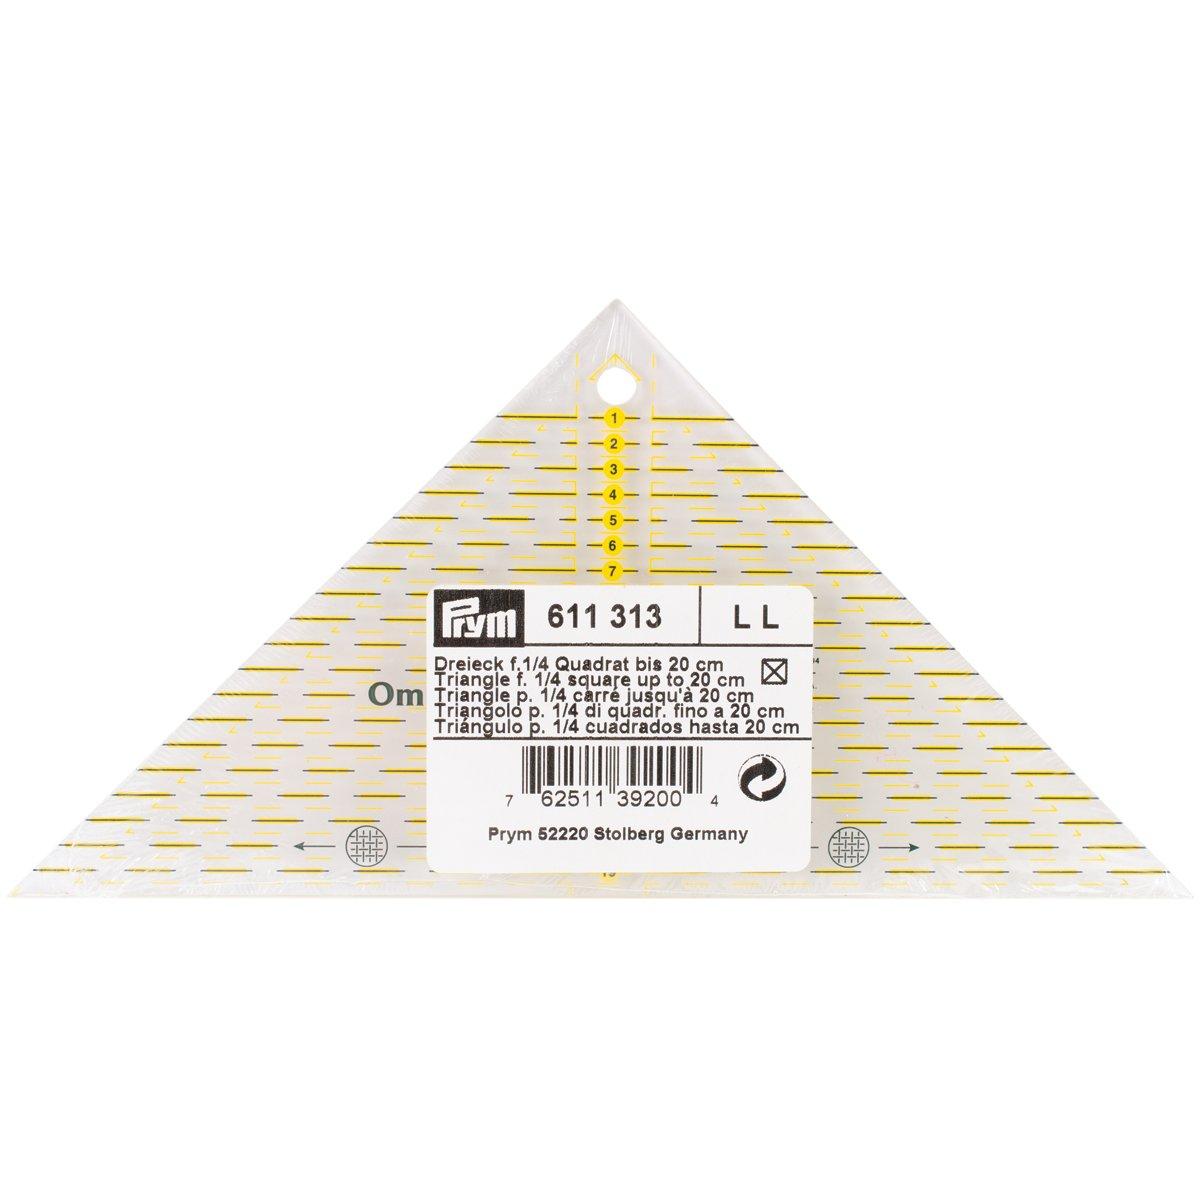 Prym - Triangolo svelto con scala in cm, per un quarto di quadrato, fino a 20 cm R920